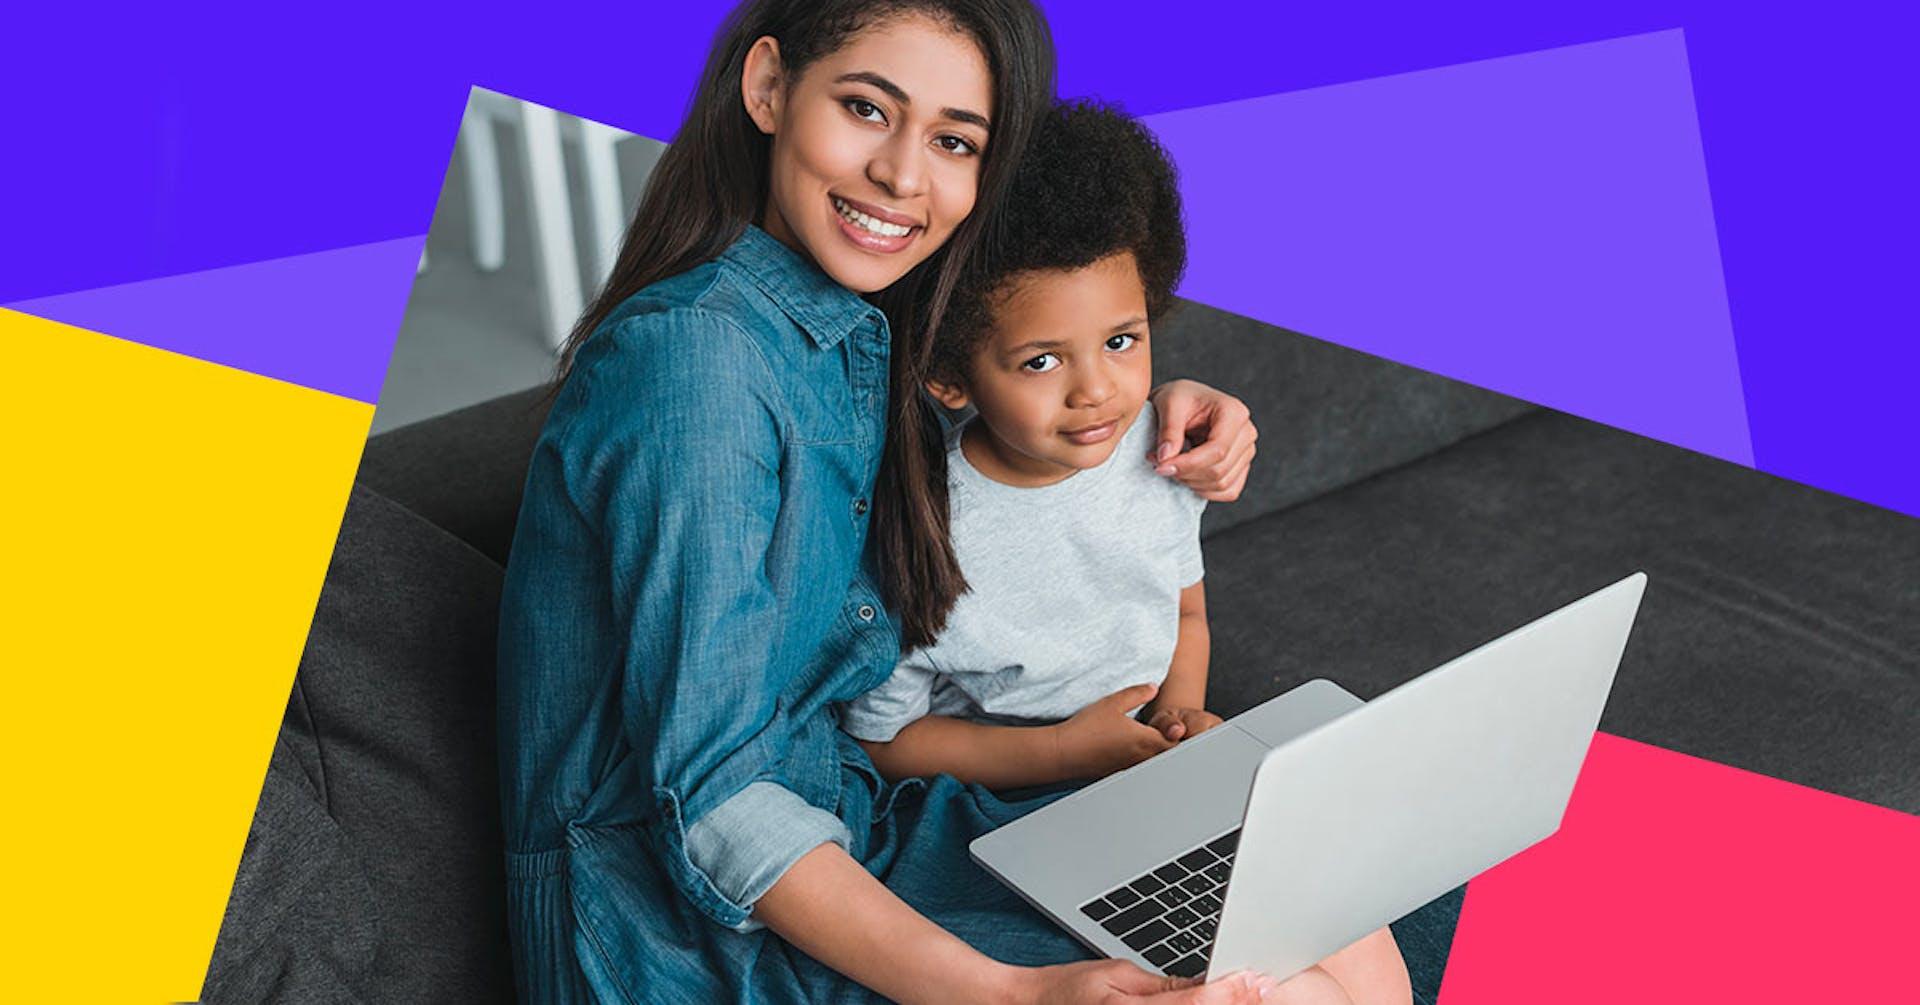 Trabajo remoto y niños: ¿Es posible?